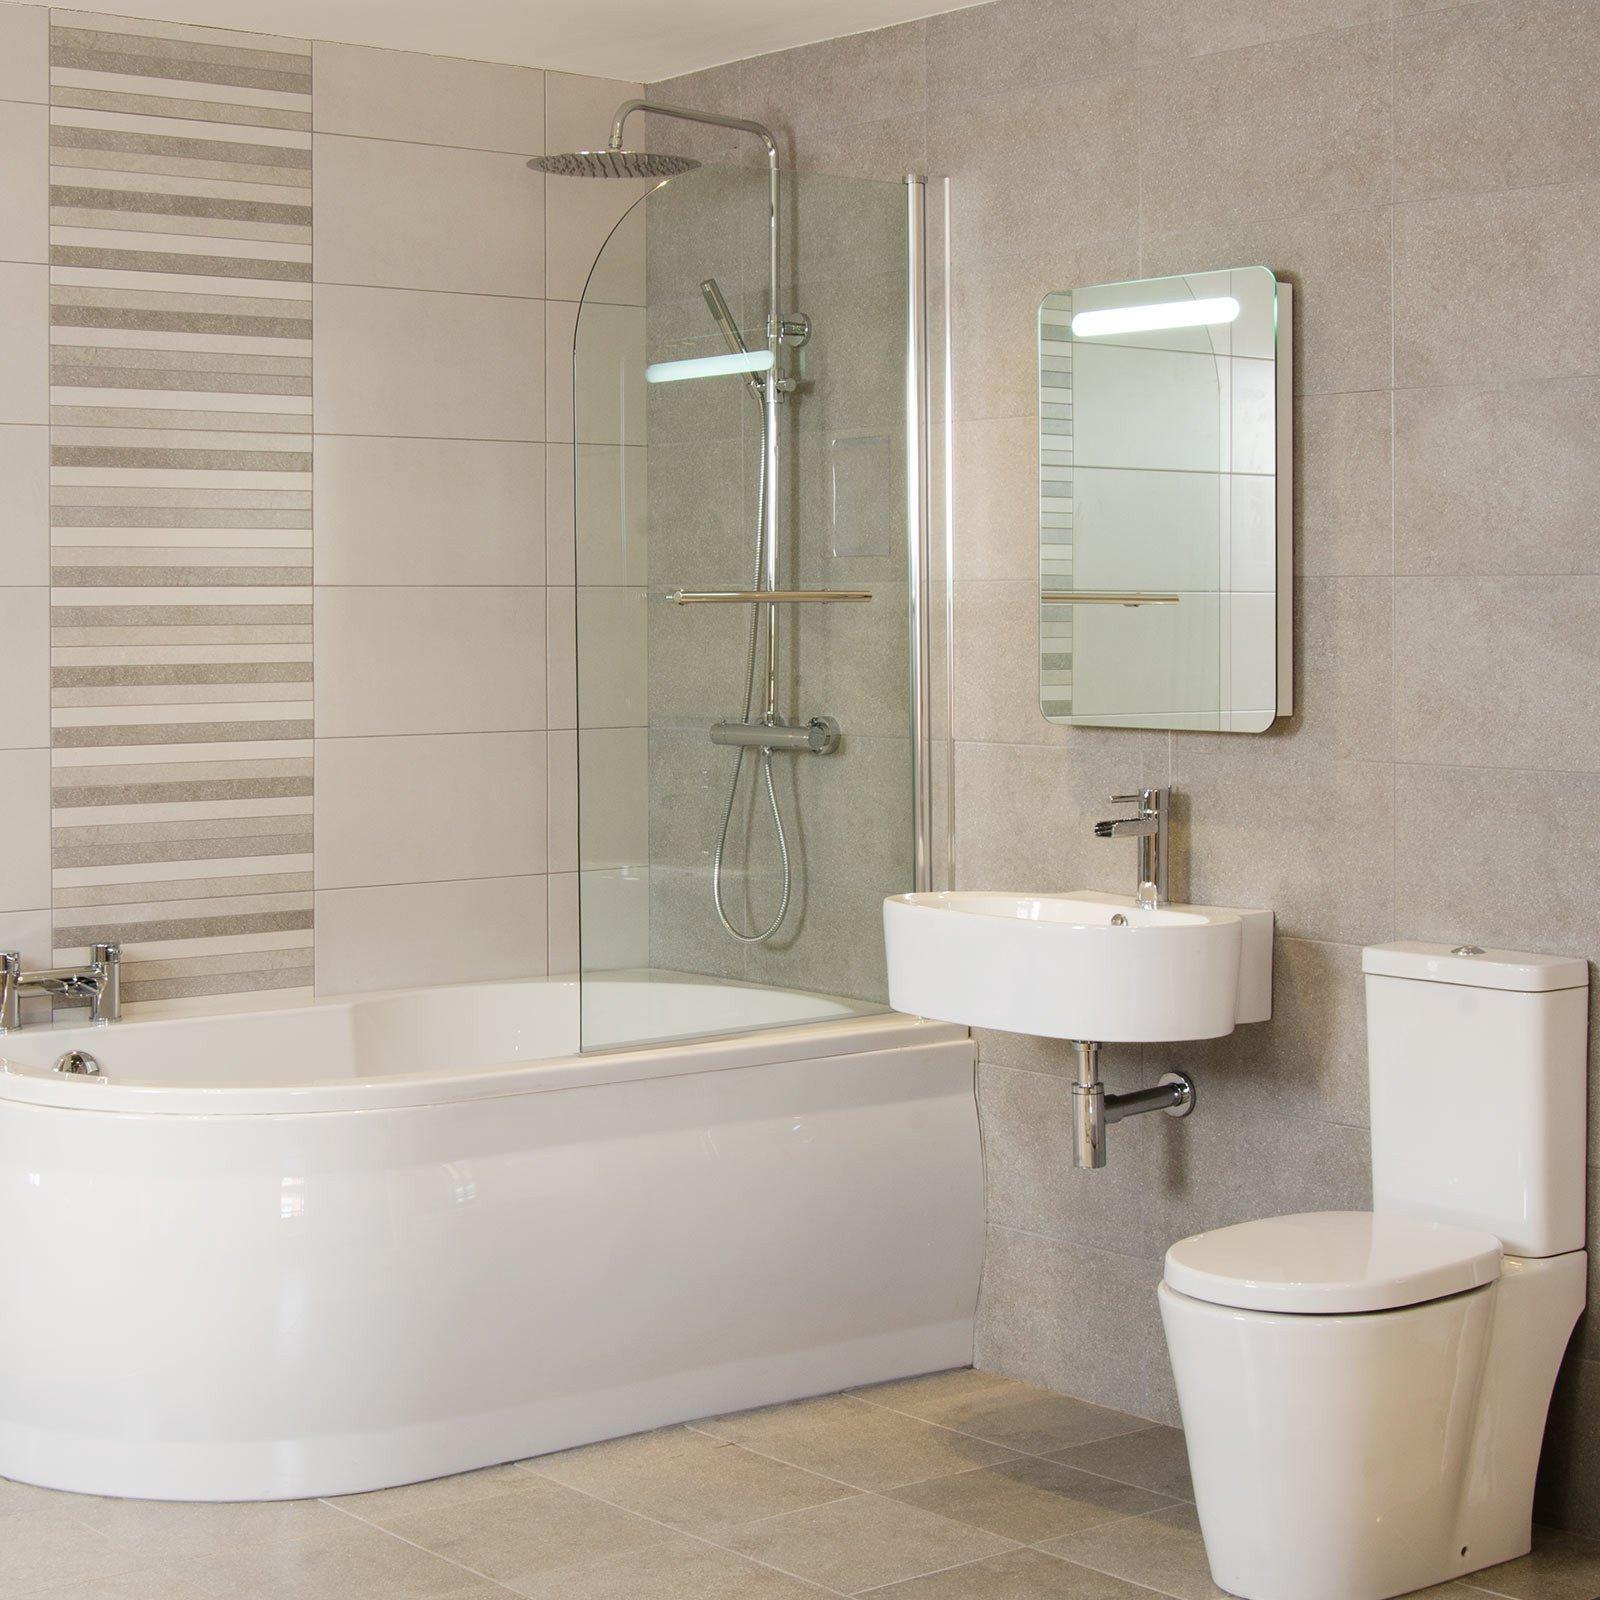 Дизайн ванной комнаты 6 кв м эстетичный вид